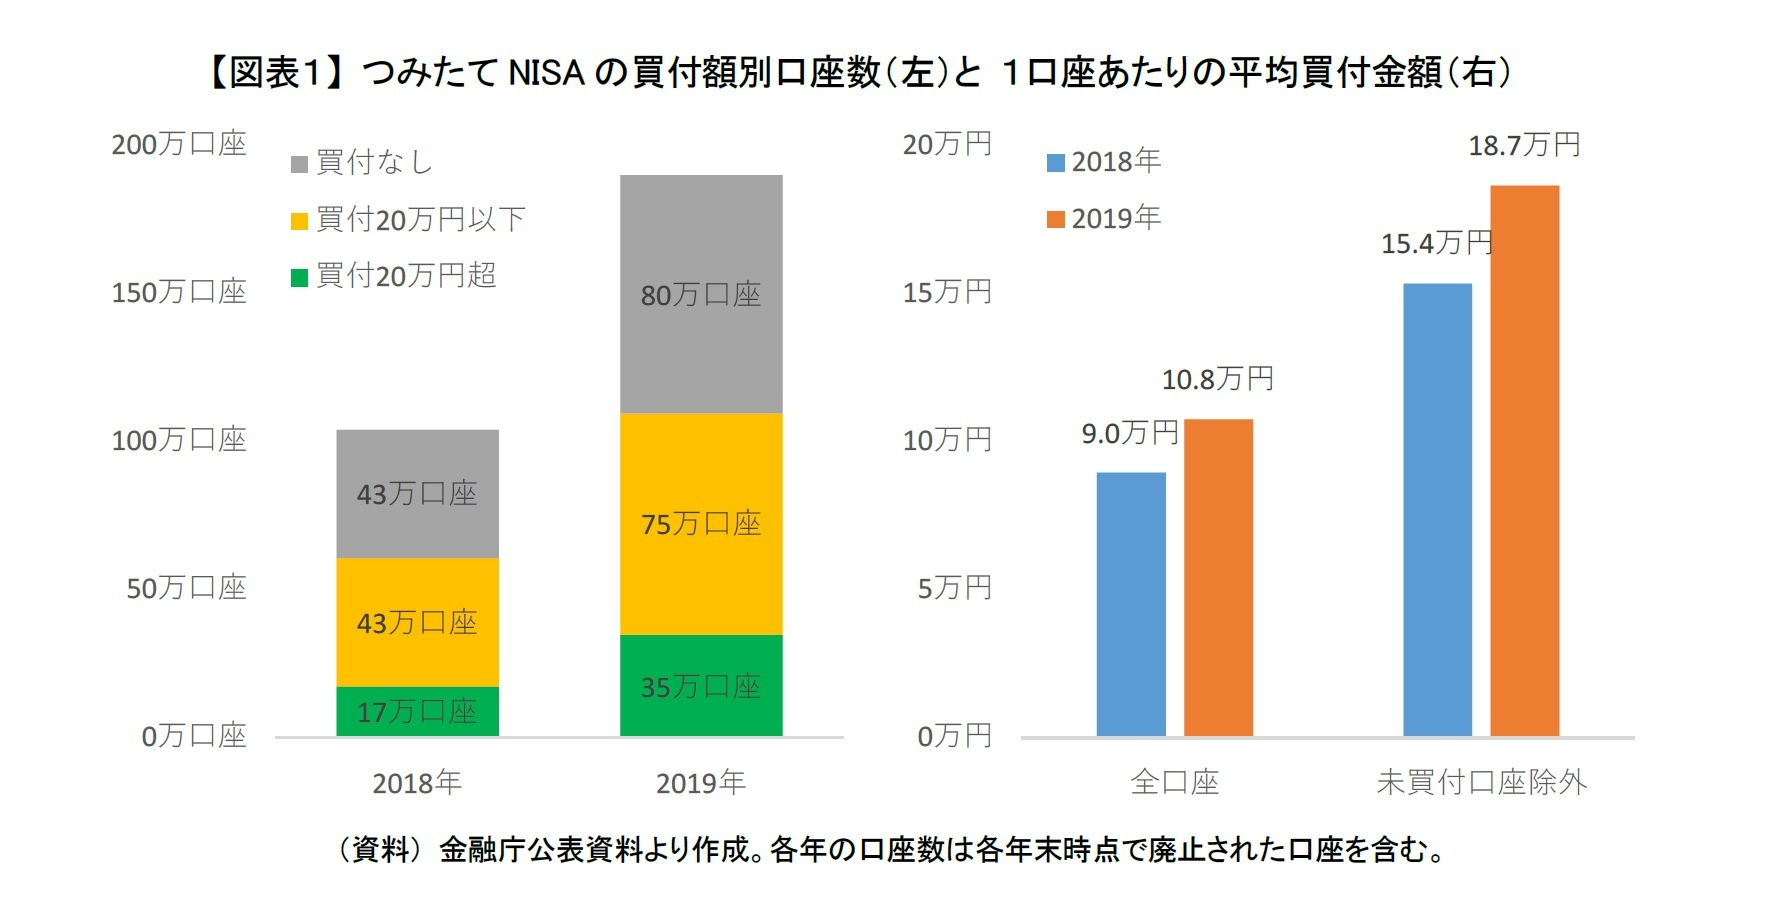 【図表1】 つみたてNISAの買付額別口座数(左)と 1口座あたりの平均買付金額(右)